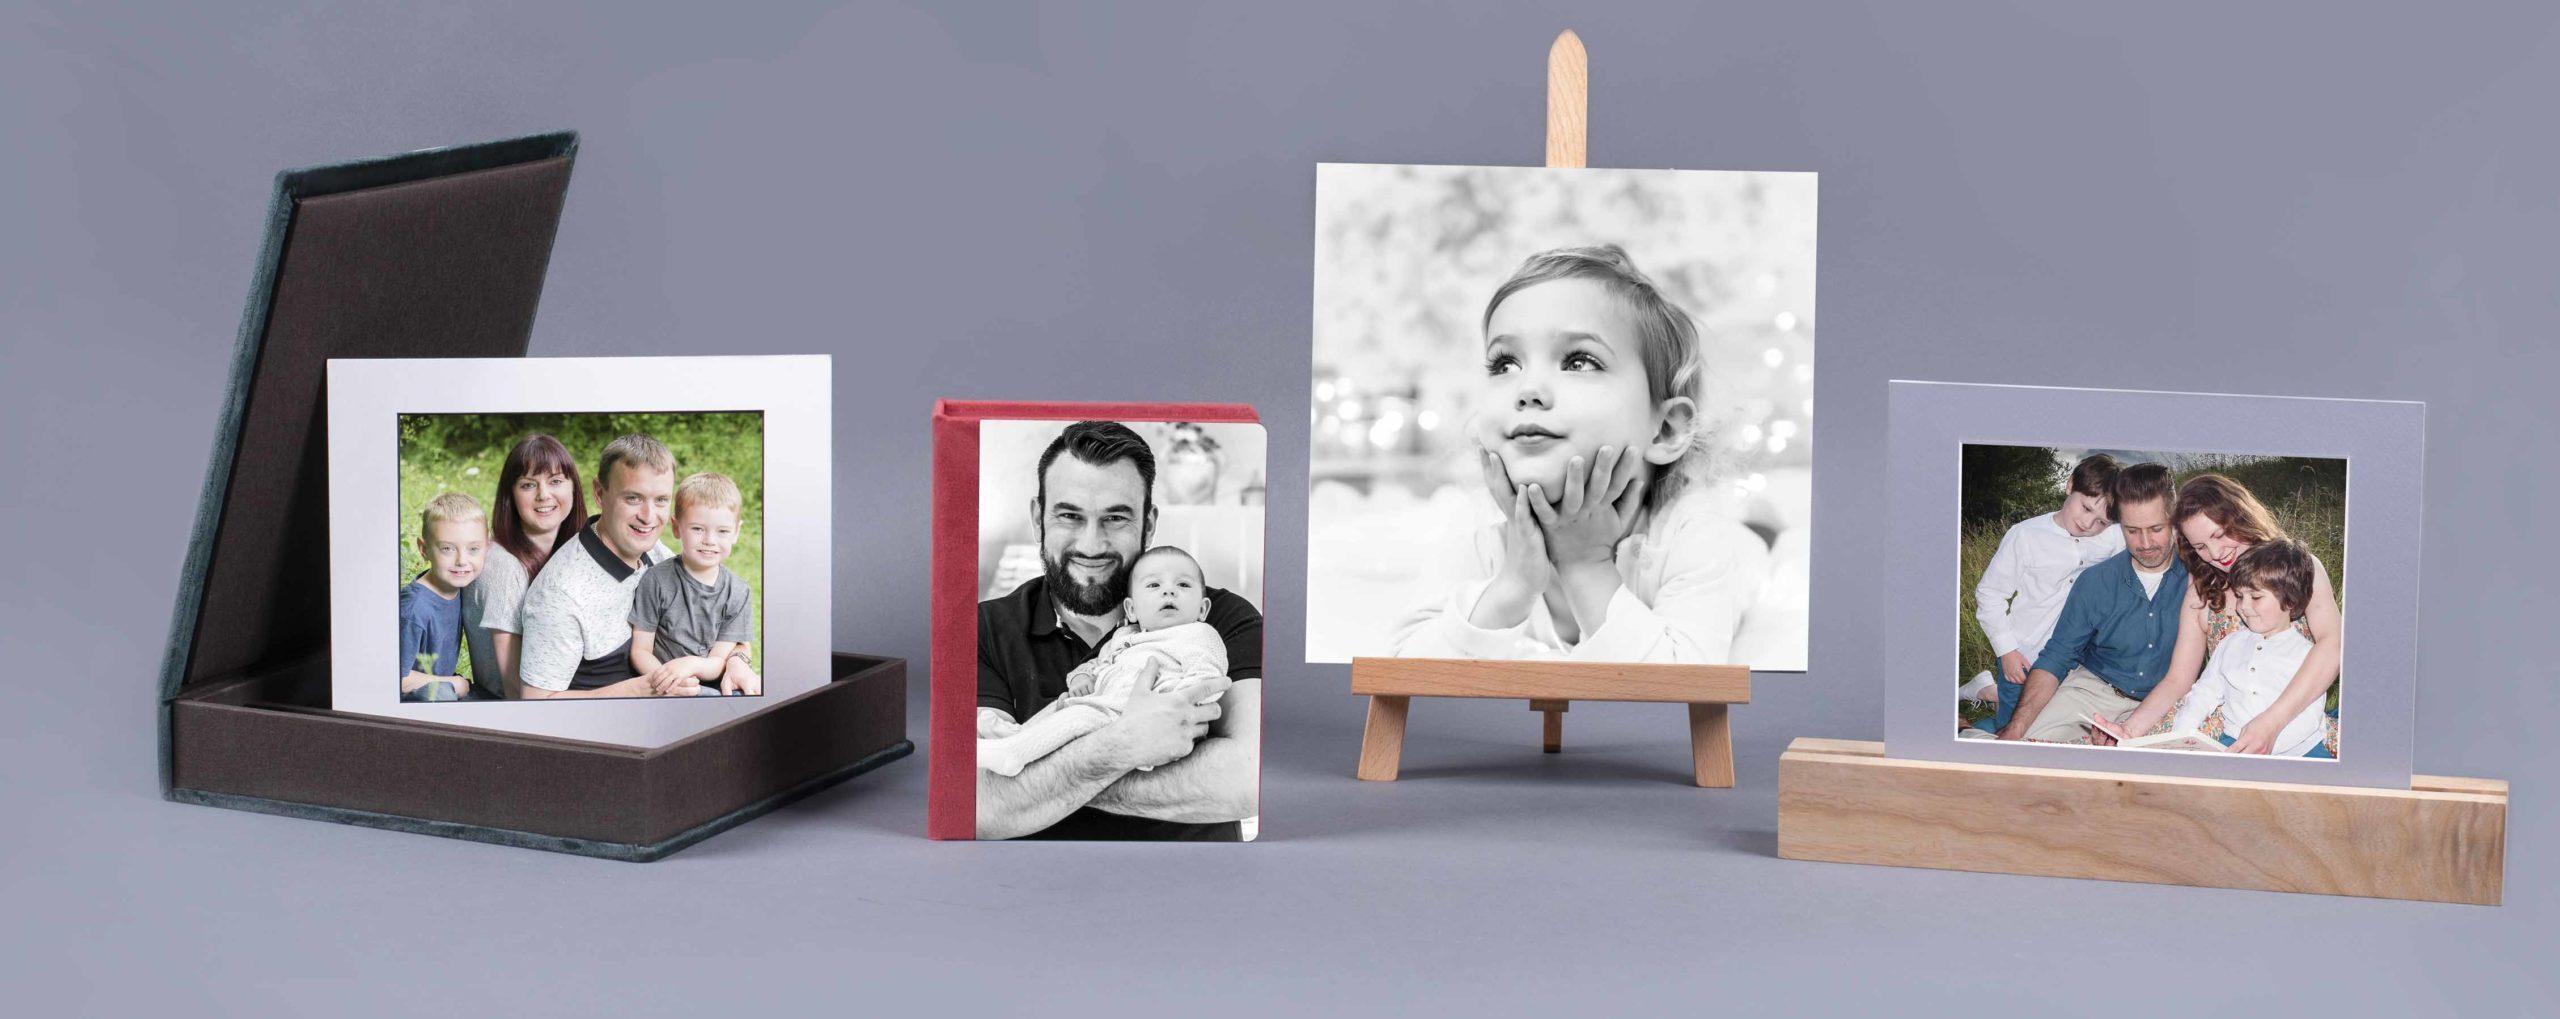 portrait products